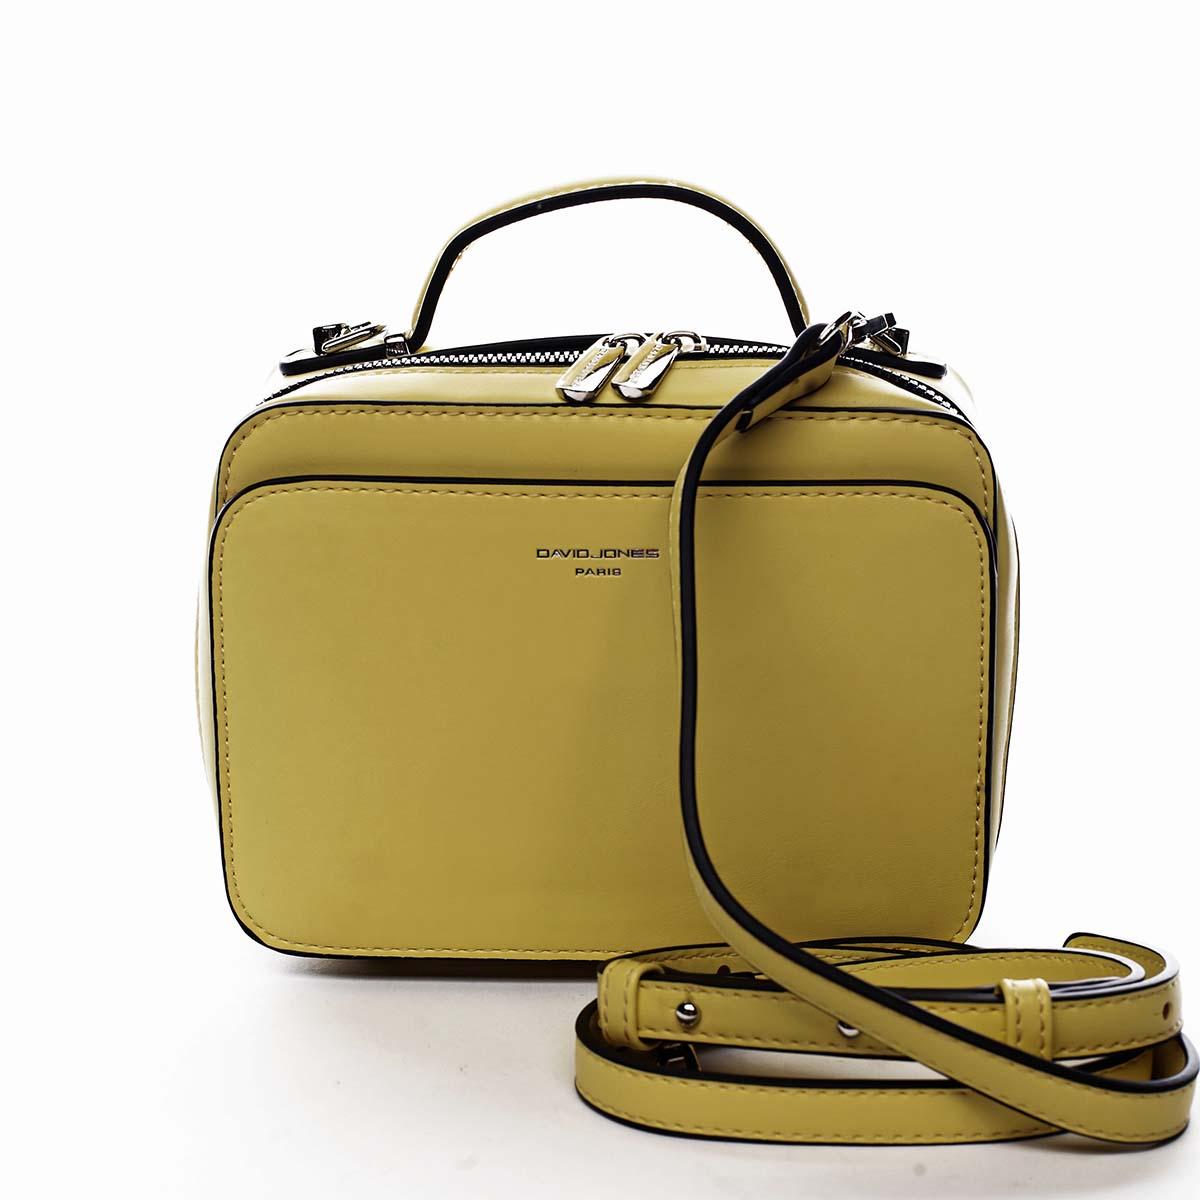 Dámská kabelka žlutá - David Jones Zara